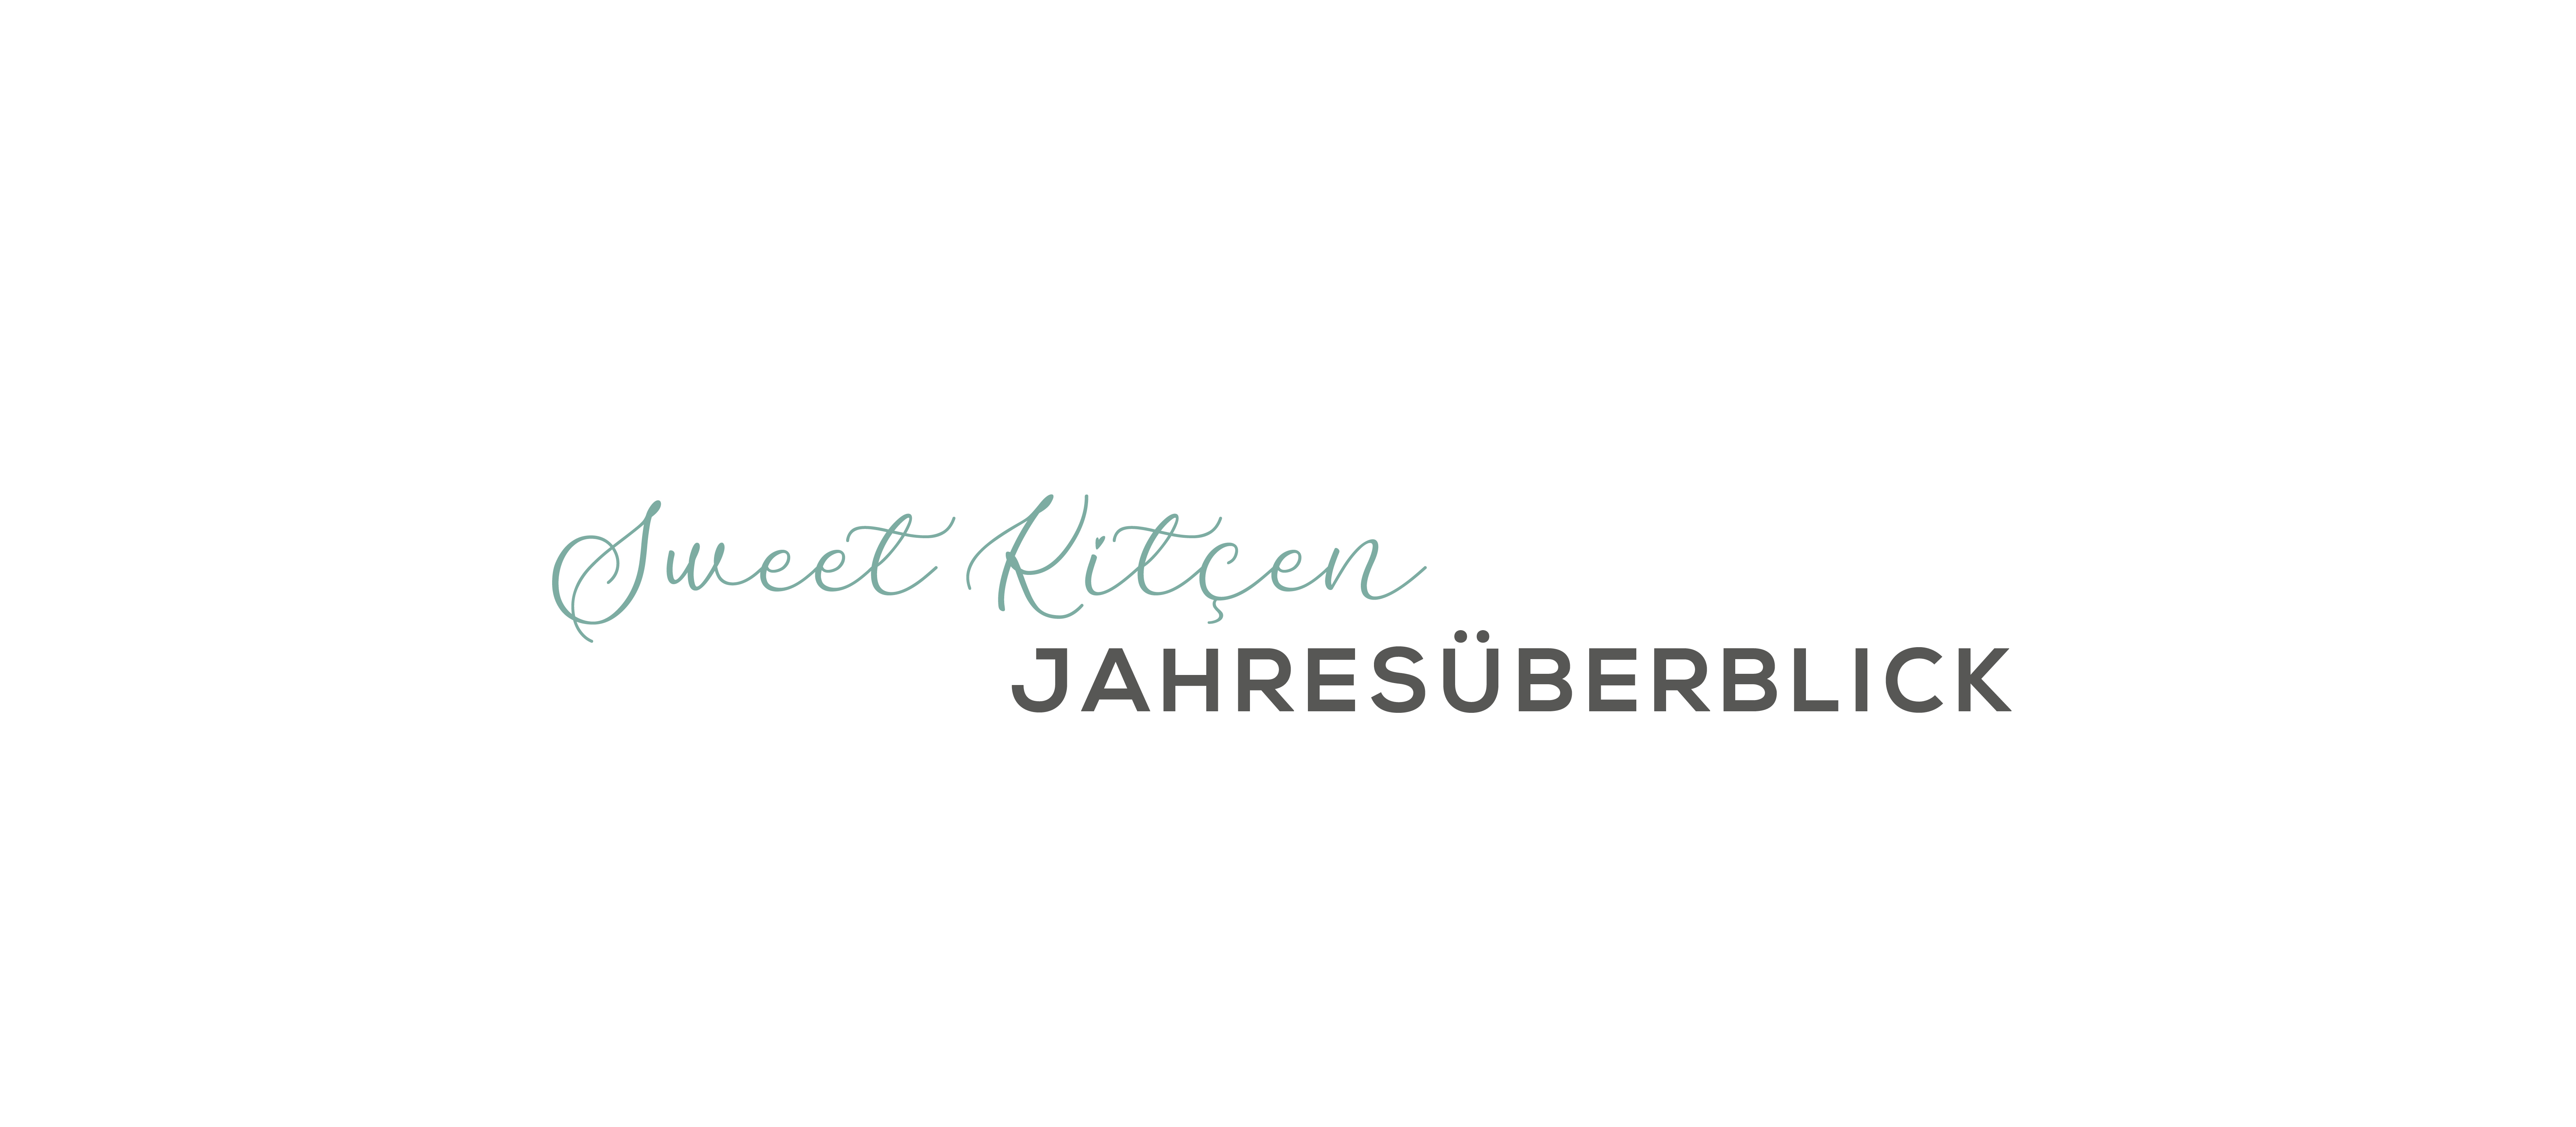 Sweet Kitcen | Jahresüberblick - Unternehmensentwicklung